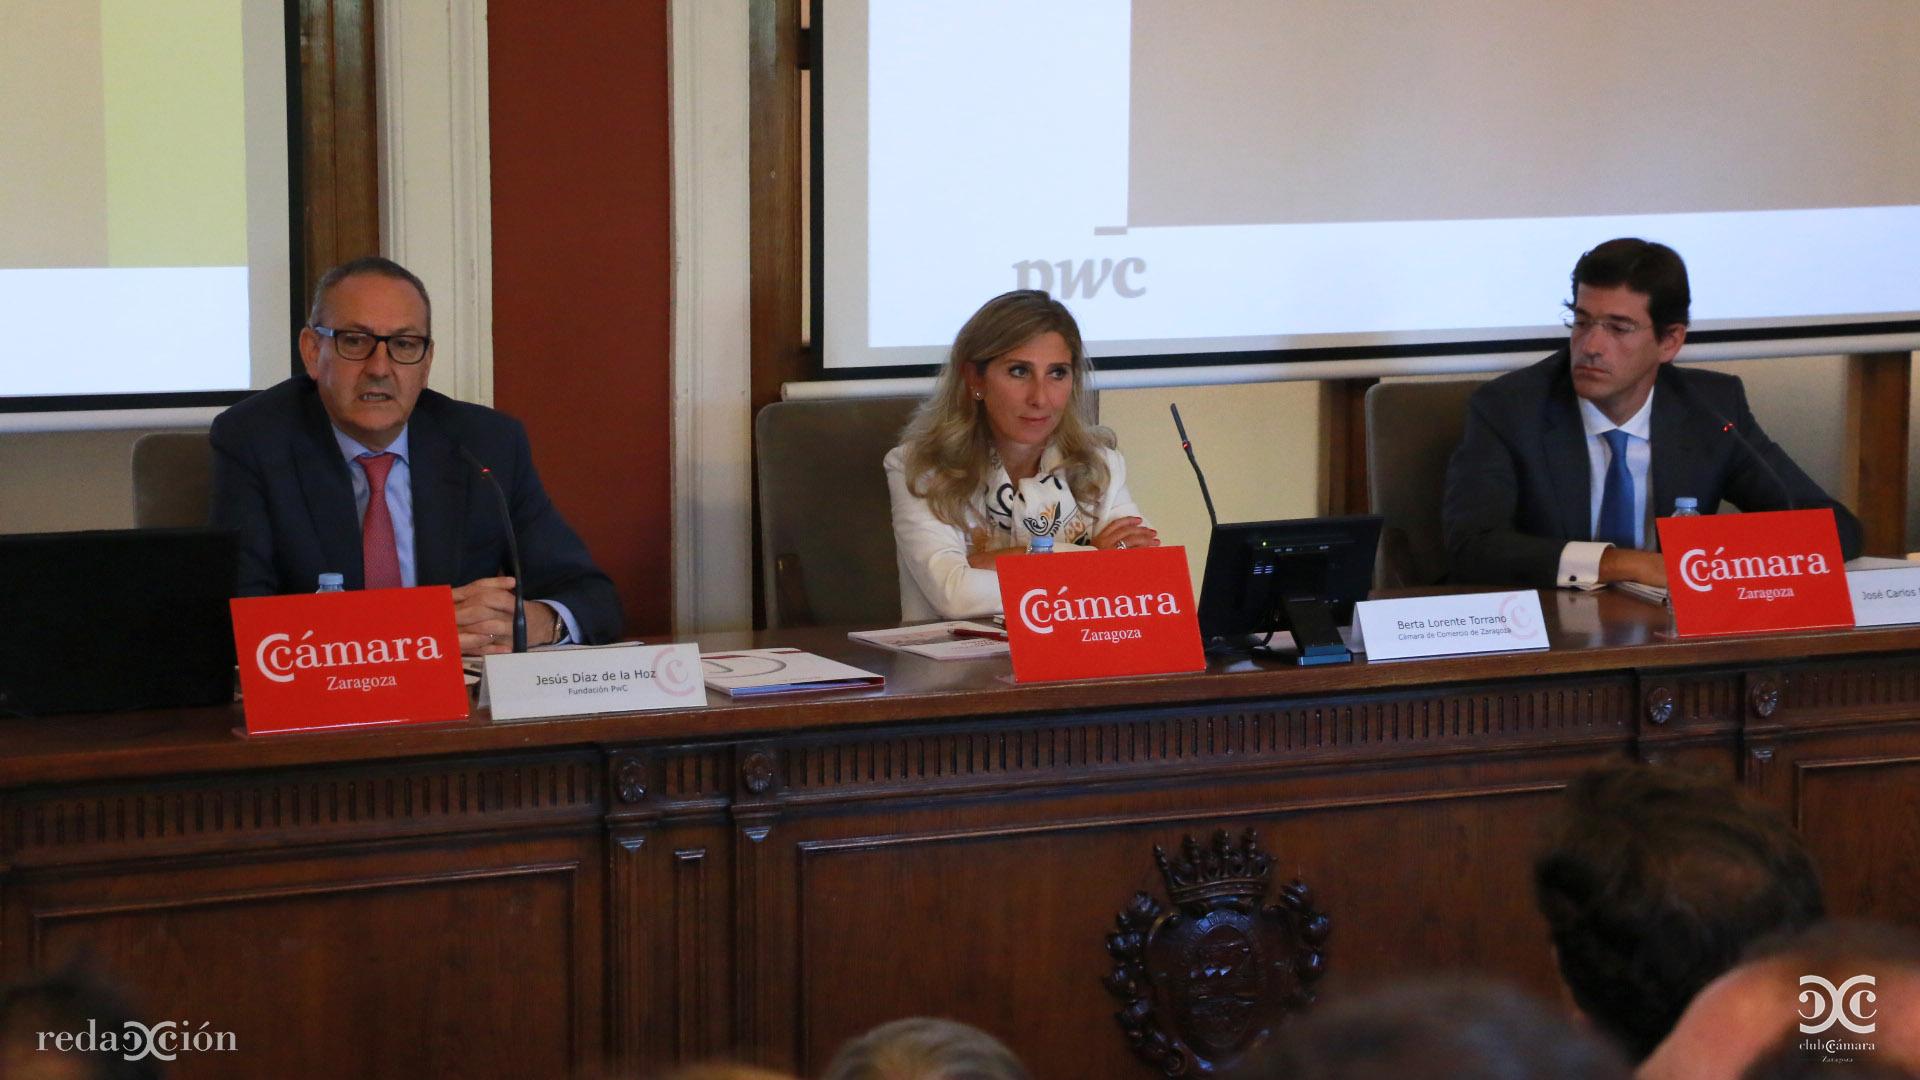 Jesús Díaz de la Hoz, Berta Lorente, José Carlos Esponera